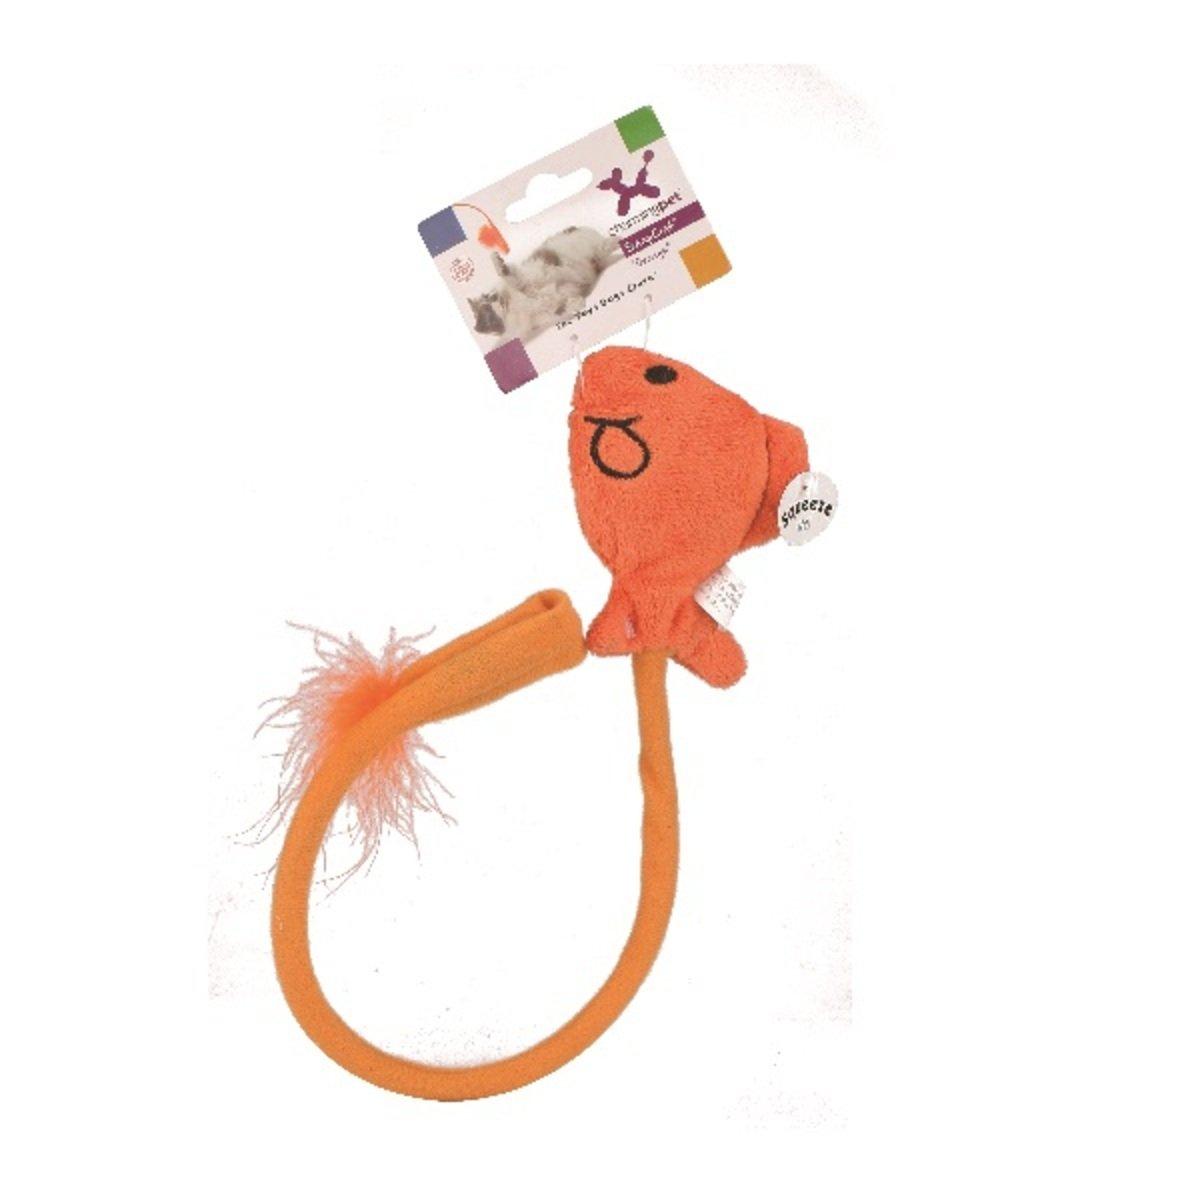 寵物彈力羽毛逗貓棒 - 魚、橙色